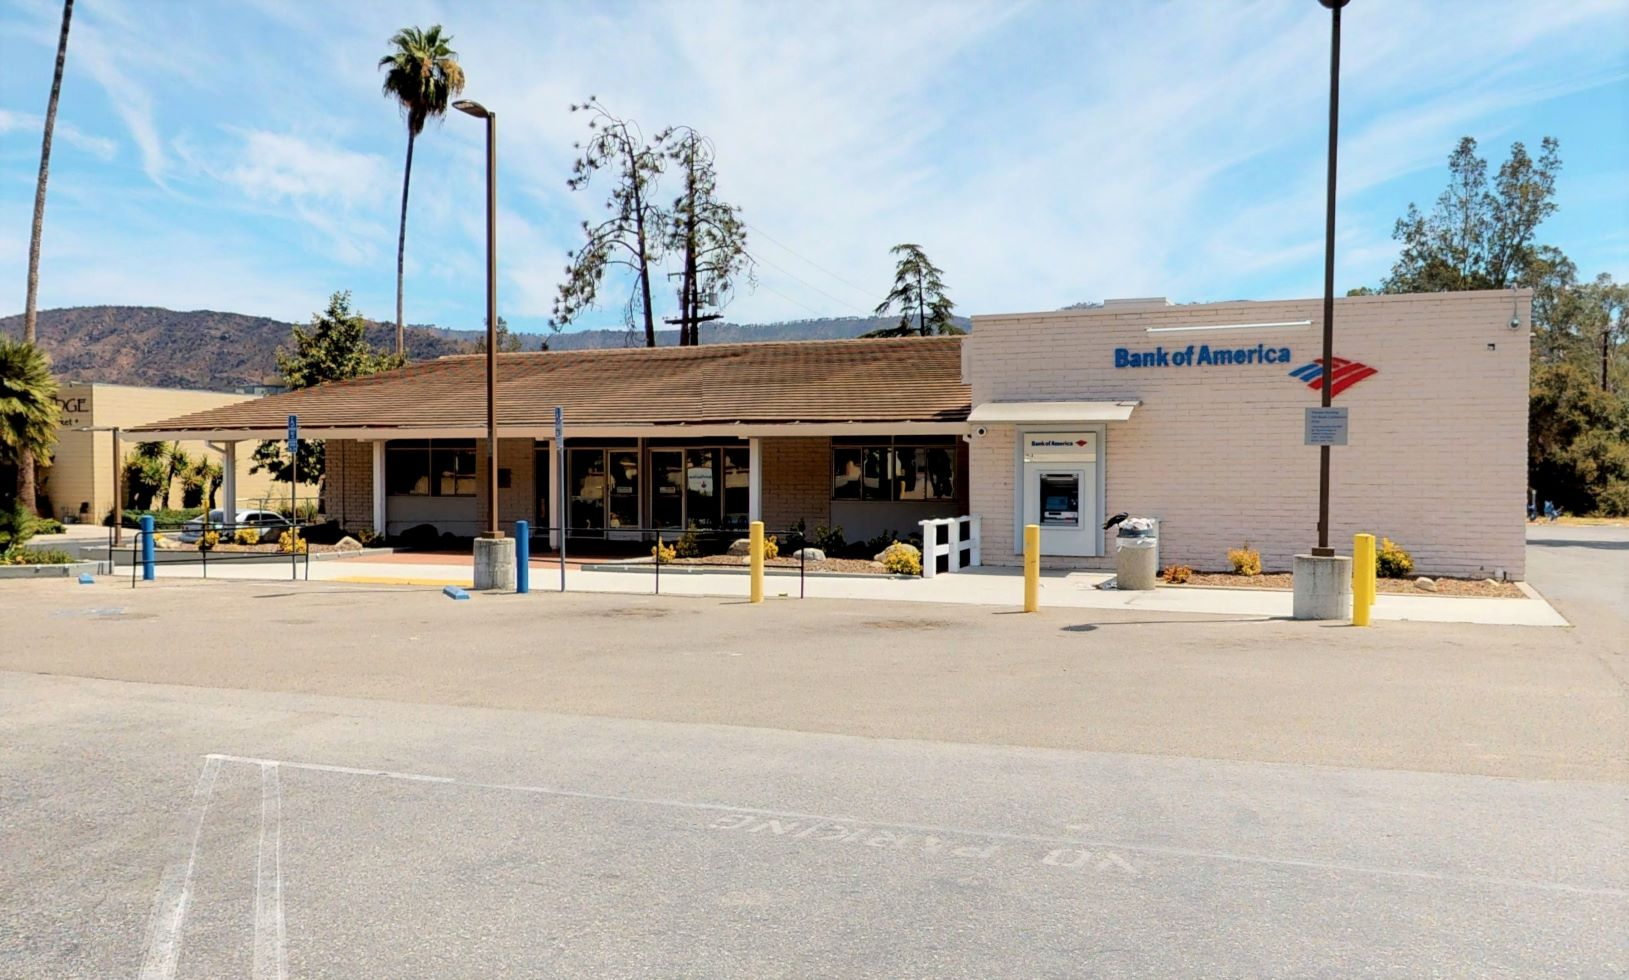 Bank of America financial center with drive-thru ATM | 205 W Ojai Ave, Ojai, CA 93023